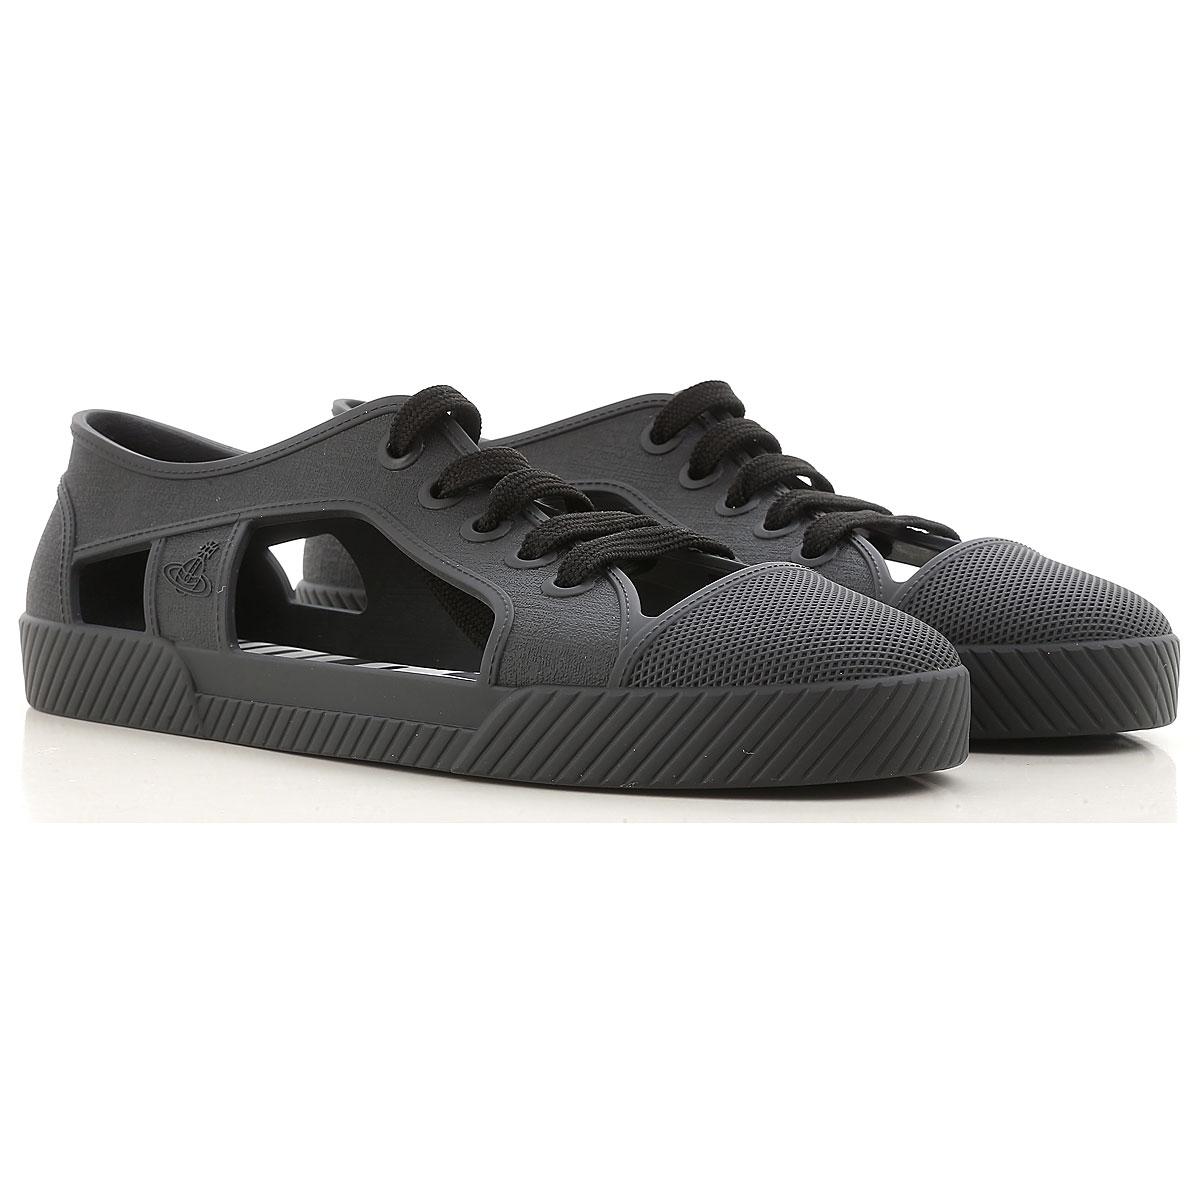 Vivienne Westwood Sneaker Femme, Melissa + Anglomania, Noir, Caoutchouc, 2017, 35 37 38 40